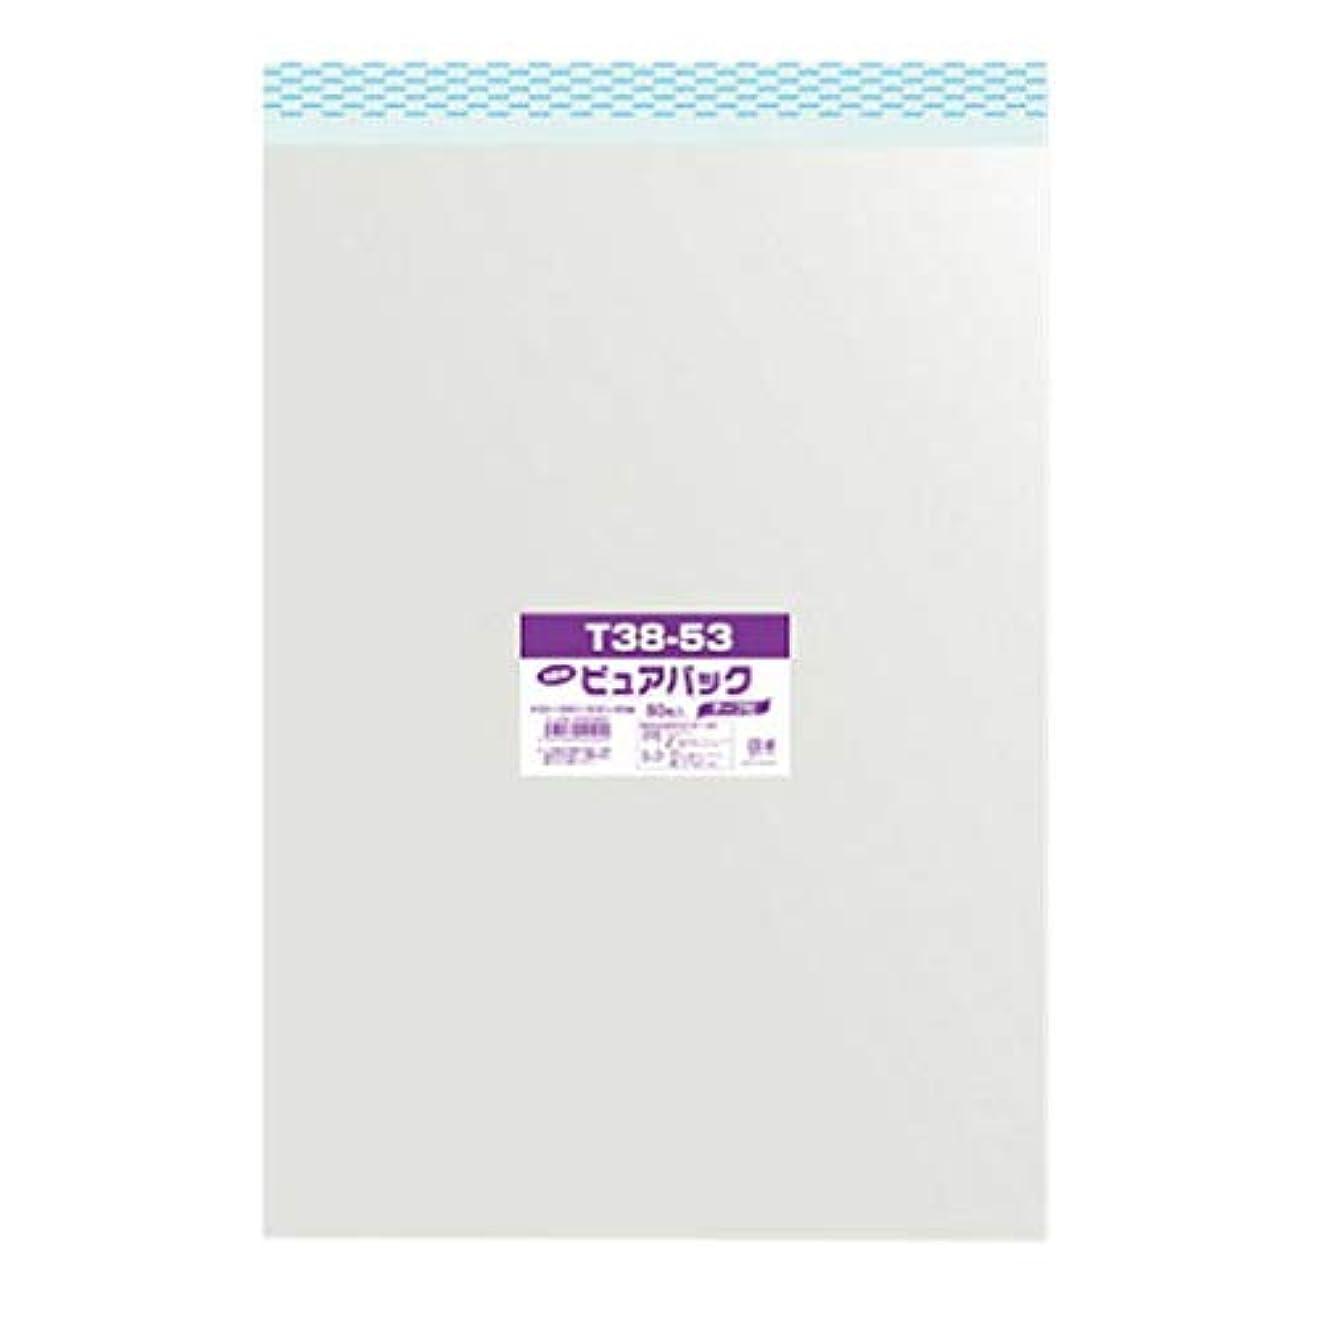 不完全な従事する変位OPP袋 ピュアパック T38-53 (B3用) テープ付き 50枚/62-0995-55